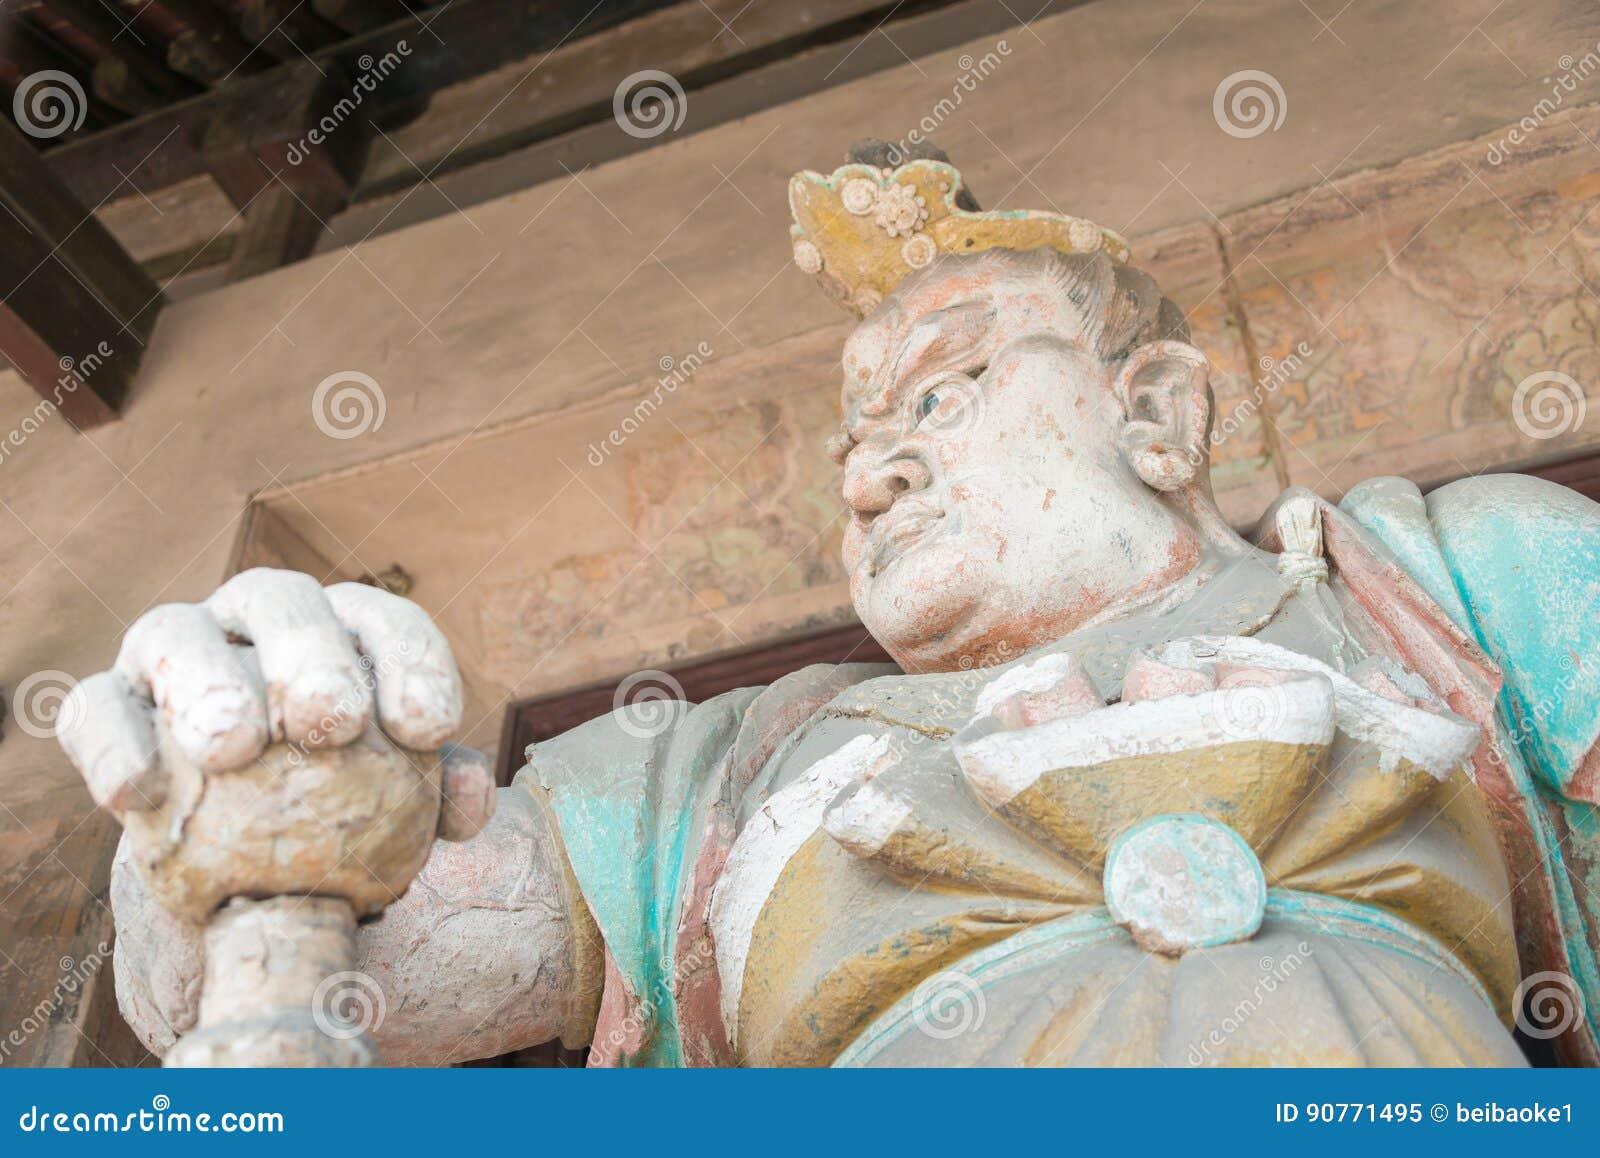 SHANXI, ΚΊΝΑ - 03 του Σεπτεμβρίου 2015: Άγαλμα Budda στο ναό Shuanglin (U